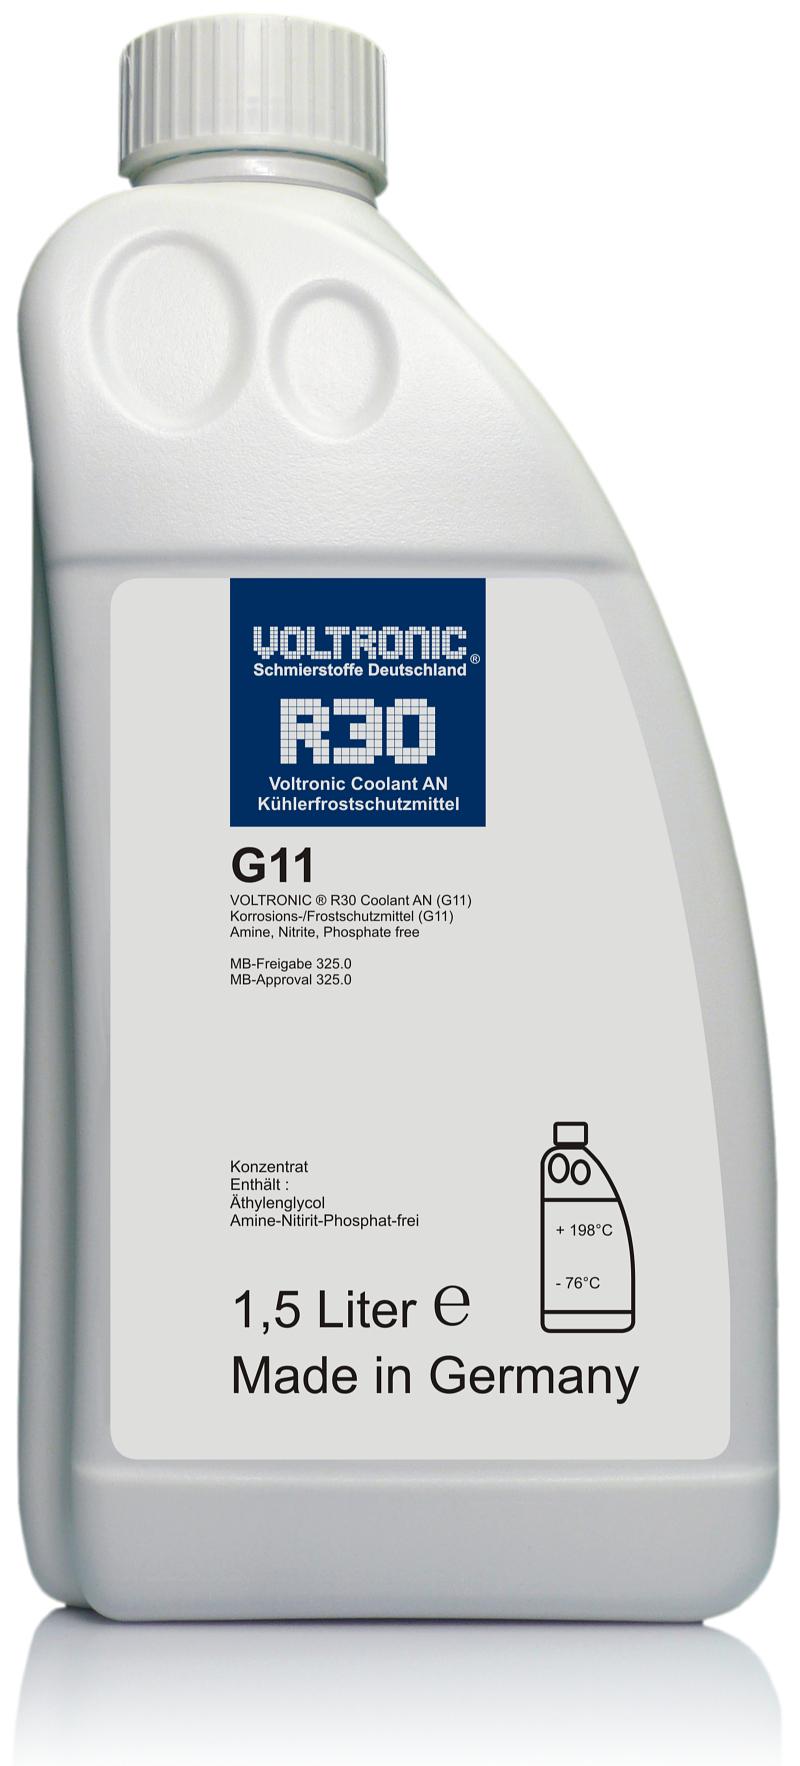 VOLTRONIC R30 Coolant AN Antifreeze